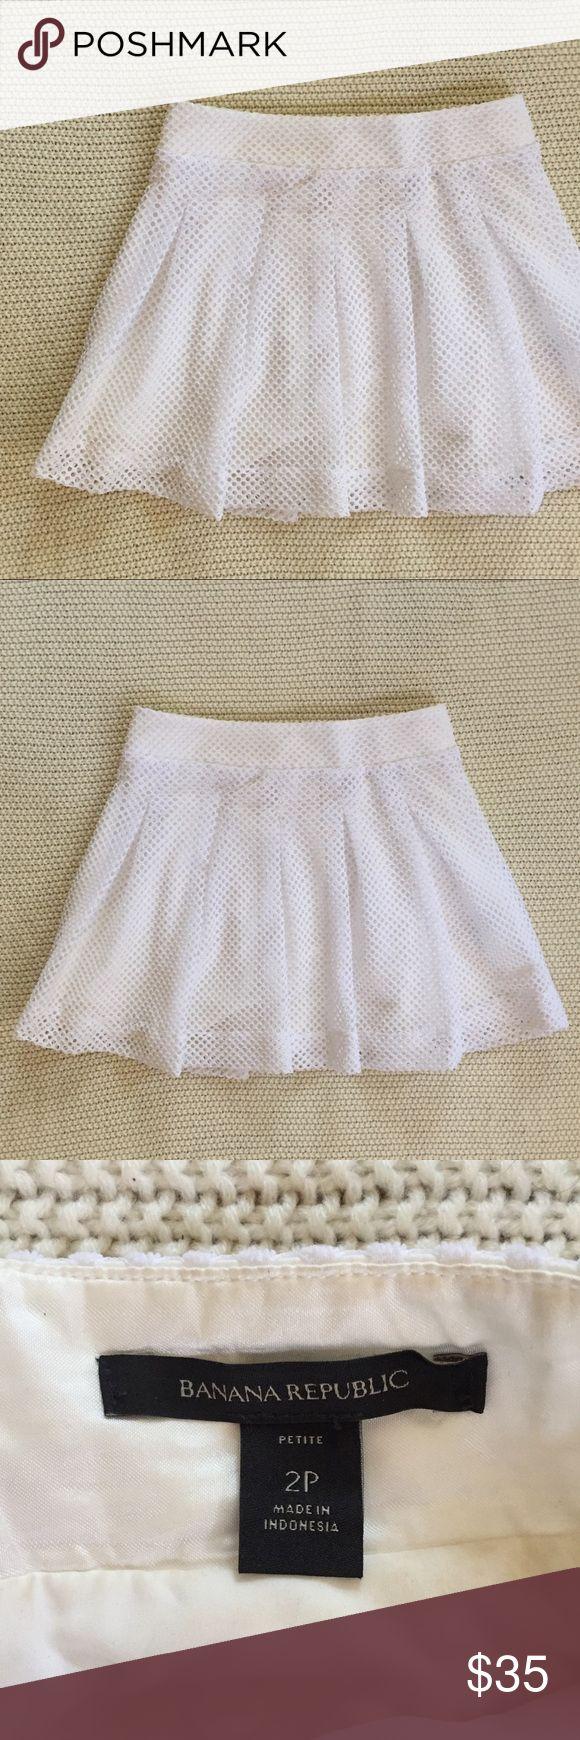 Banana Republic Skater Skirt White skater skirt with netting/mesh overlay. Zipper in back. 100% polyester. Length - 15 inches. Waist - 14 inches. Banana Republic Skirts Mini